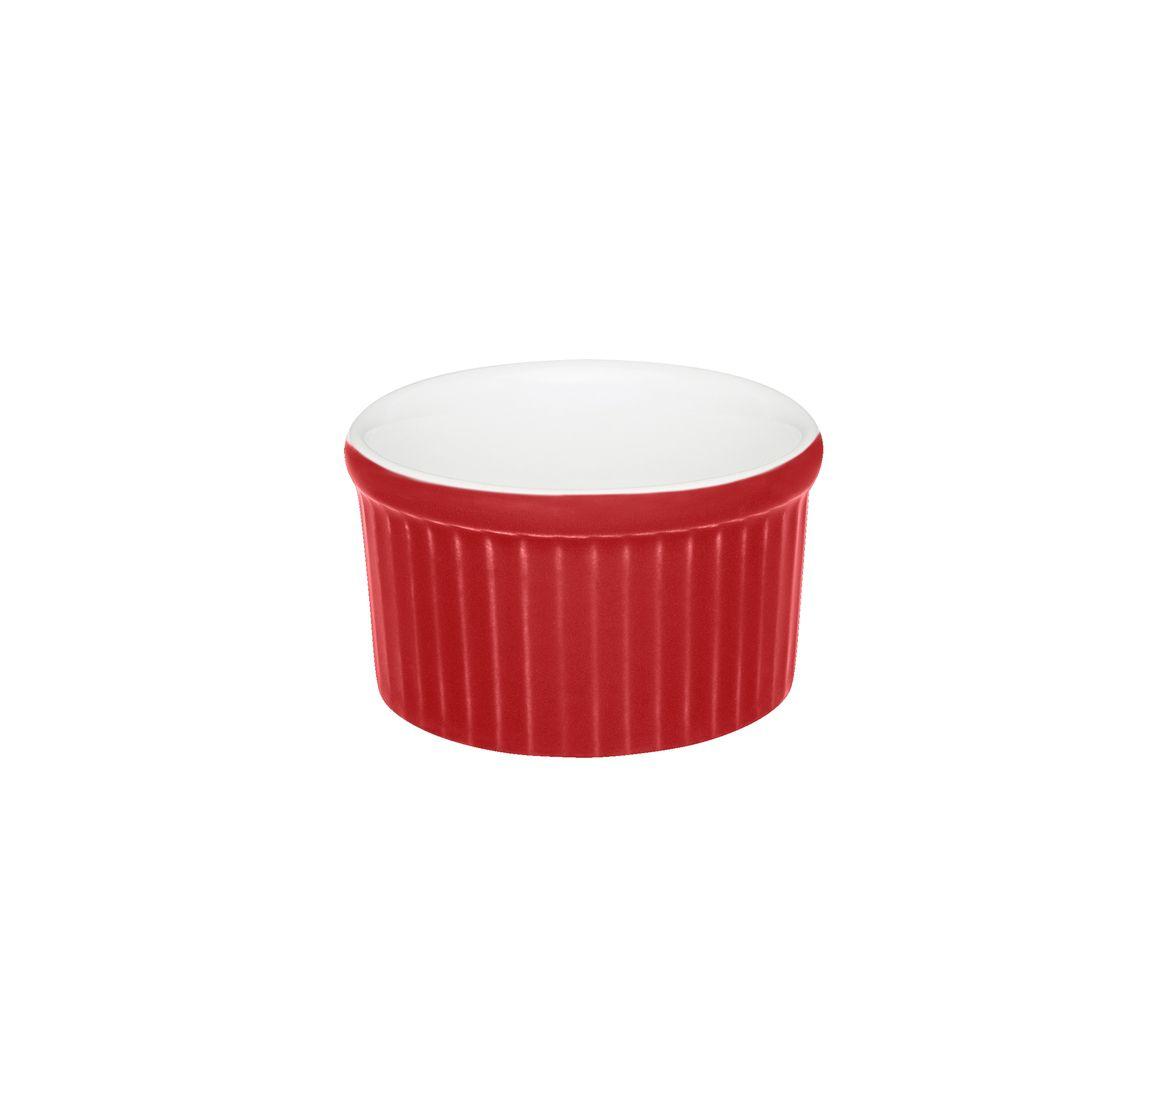 Tigela Ramequin 6X3Cm 50Ml - Branco/Vermelho - Oxford Cookware